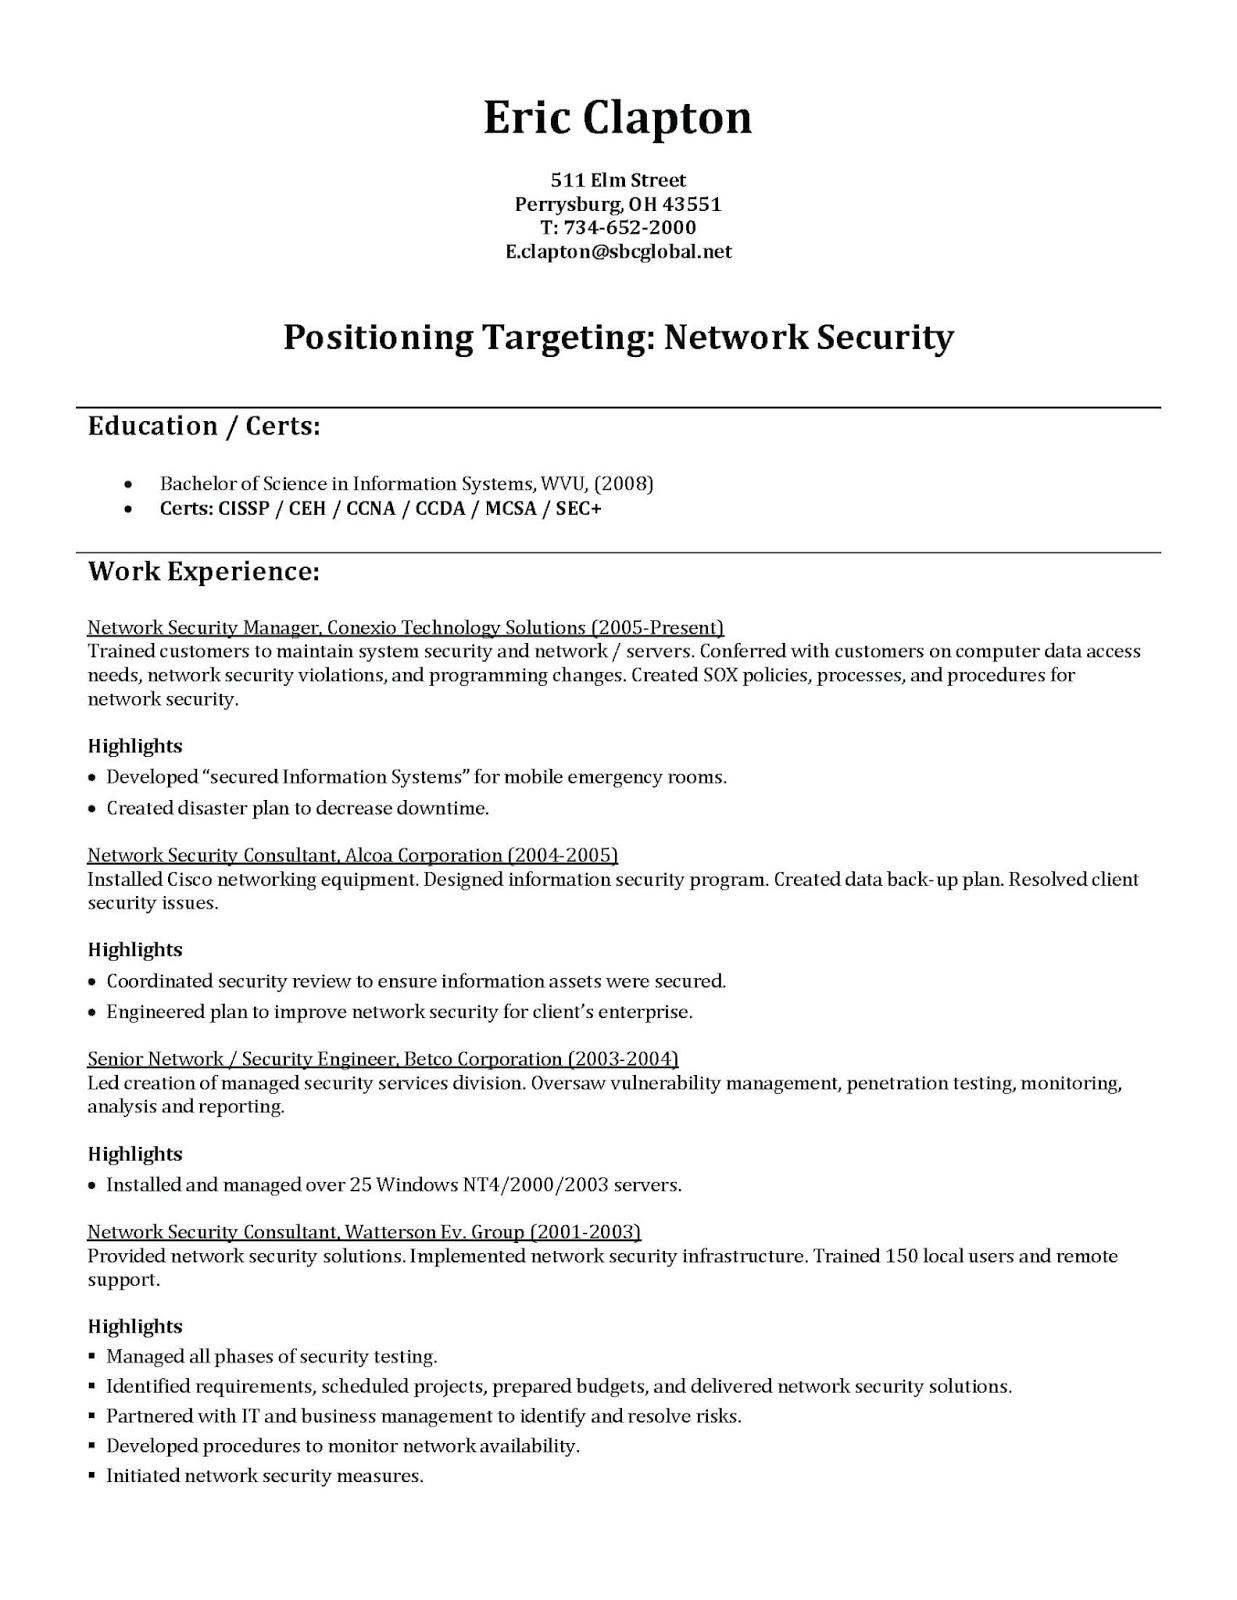 Network Architect Resume Pdf 2019 Network Architect Resume Objective 2020 network architect resume pdf network architect resume objective network architect resume example